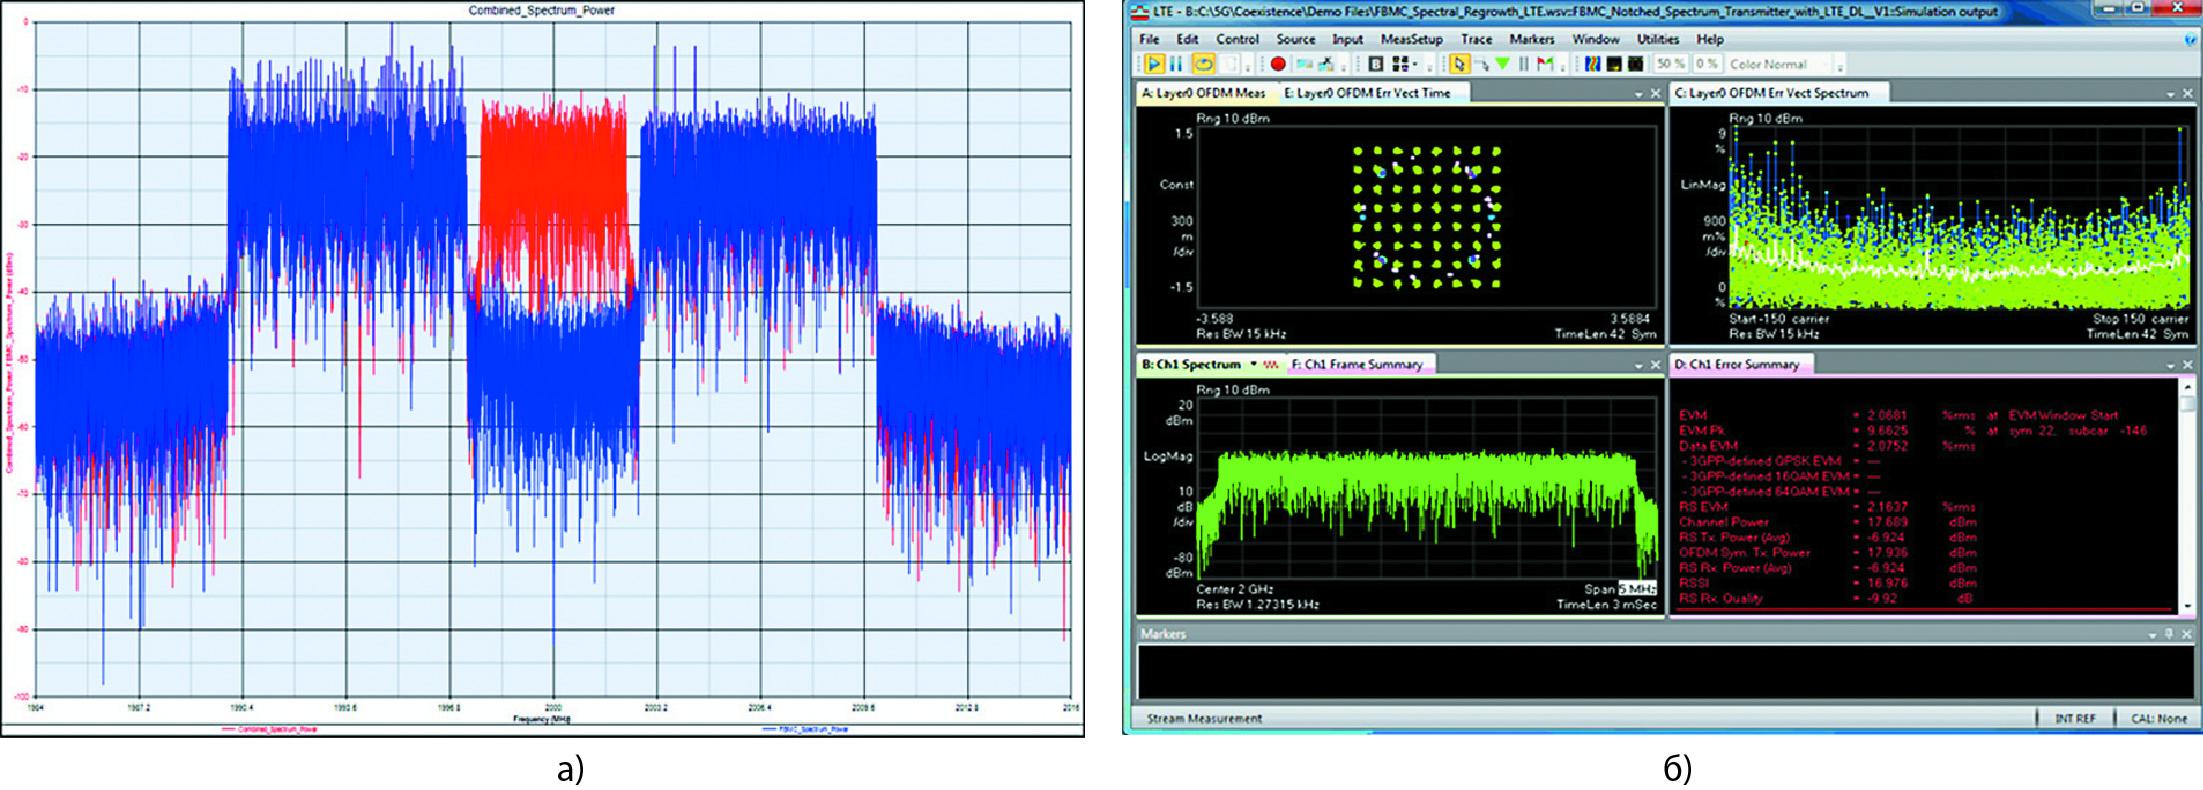 Характеристики моделирования с точкой сжатия 1 дБ при мощности 30 дБм